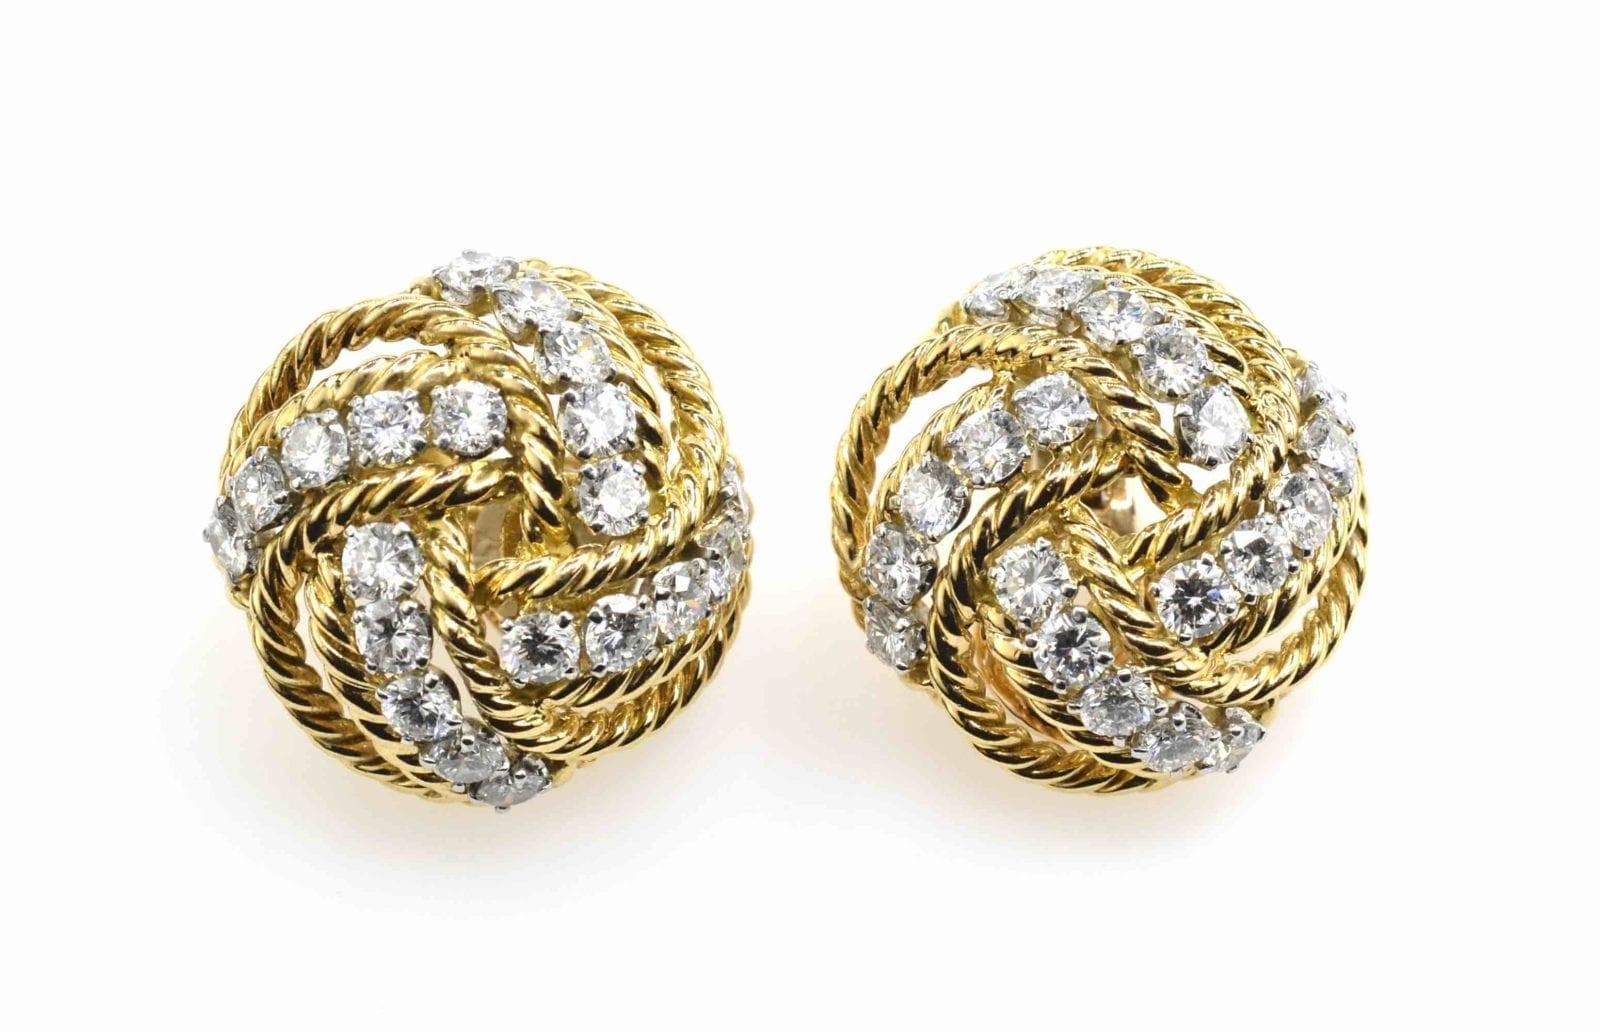 Boucles d'oreilles diamants Boucheron 1950